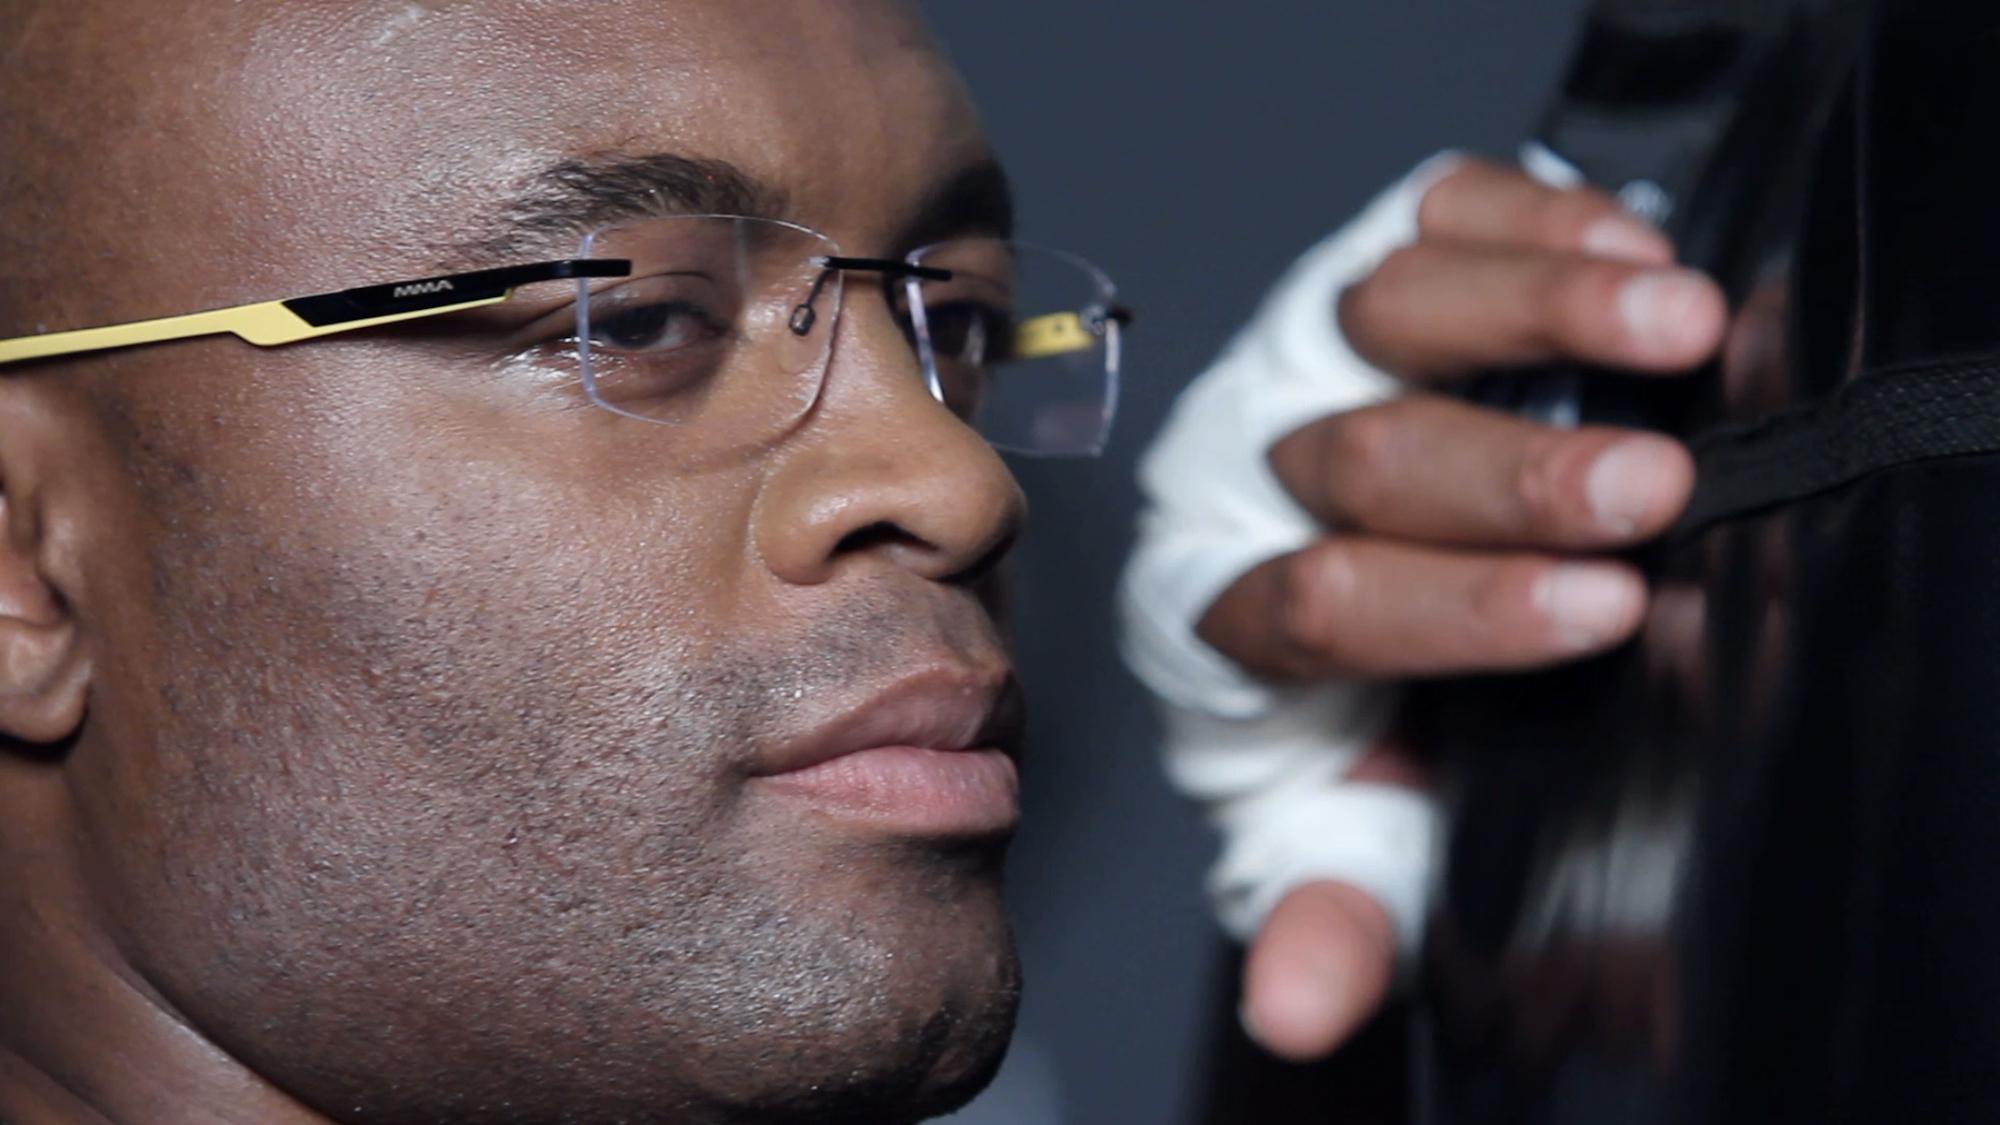 Anderson Silva lança grife de óculos  veja fotos exclusivas da campanha do  lutador dbcf48351c